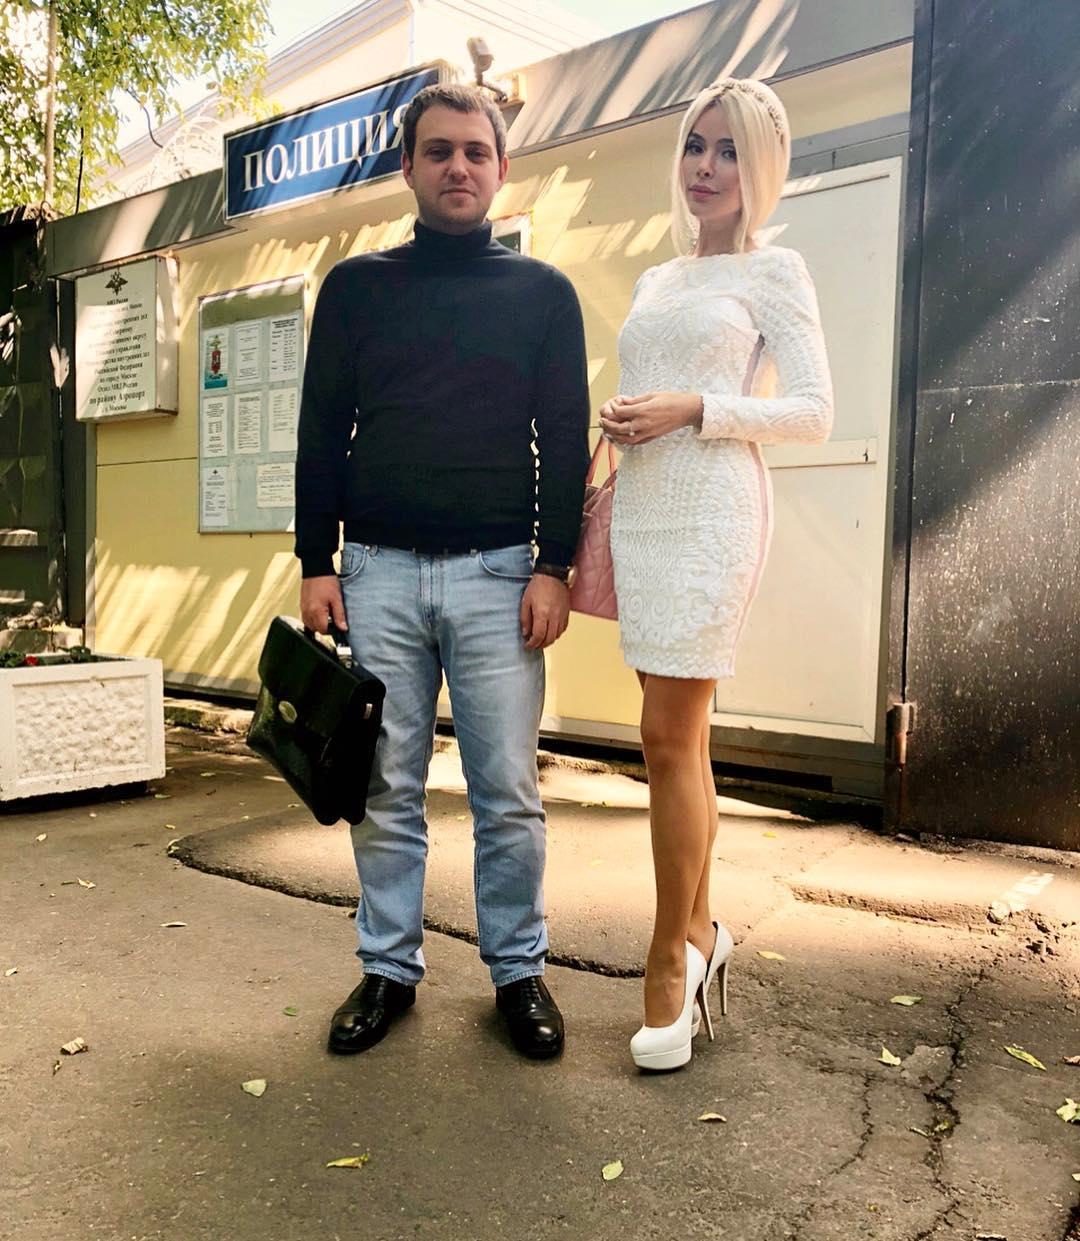 «Кружится голова, рвет, мутит, теряю сознание»: состояние избитой жены миллионера Алены Кравец ухудшилось